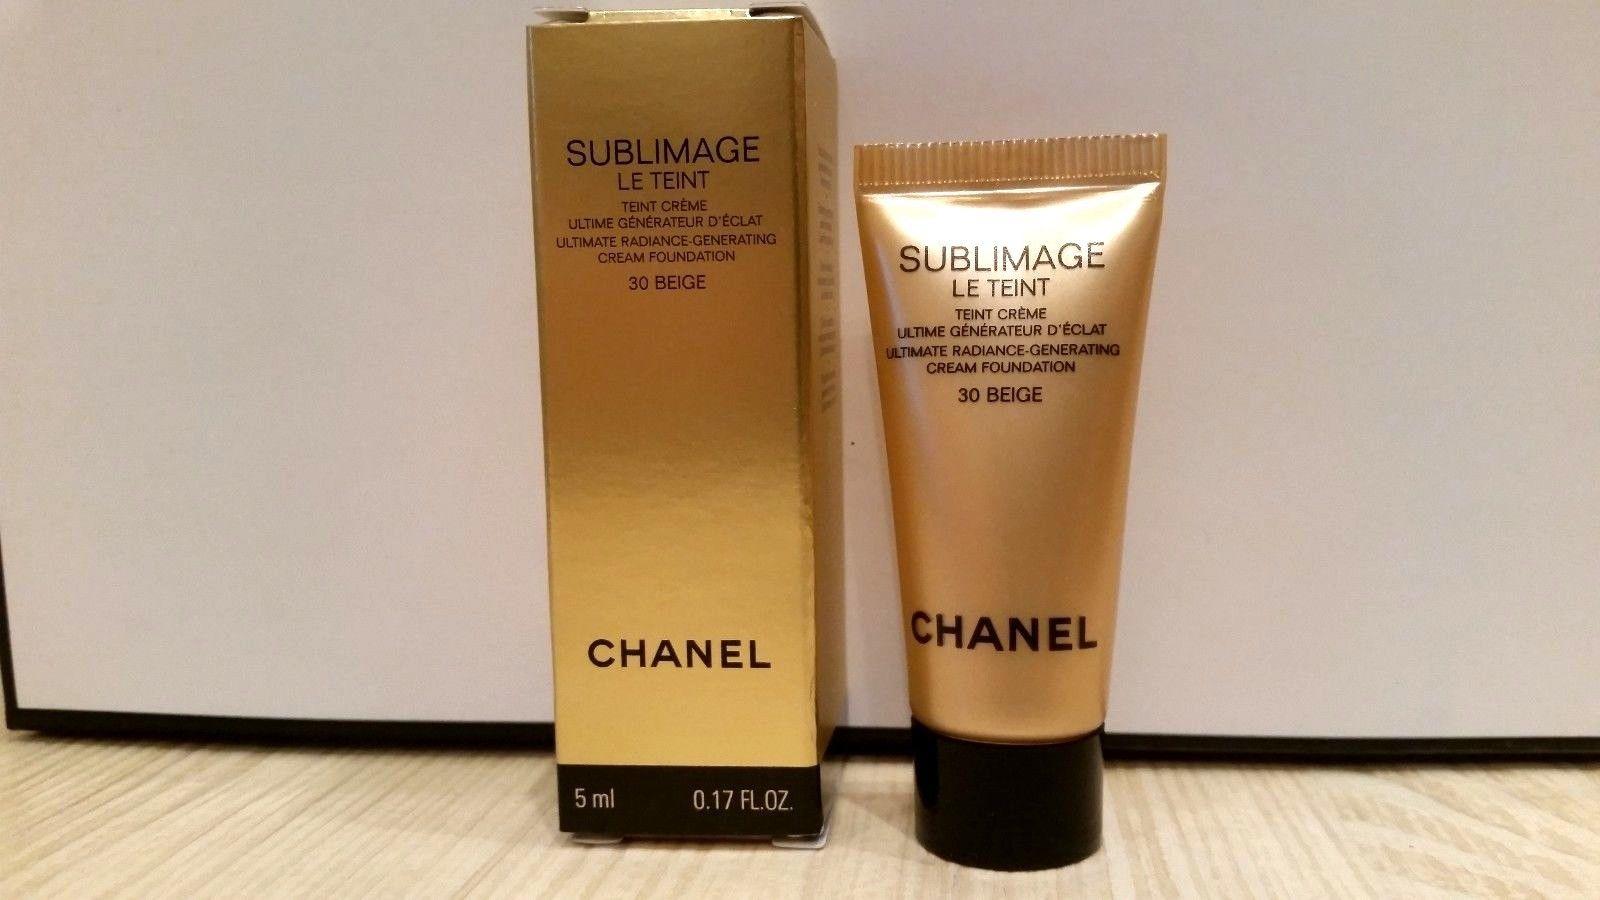 Kem nền Chanel Trang điểm mặt SUBLIMAGE LE TEINT